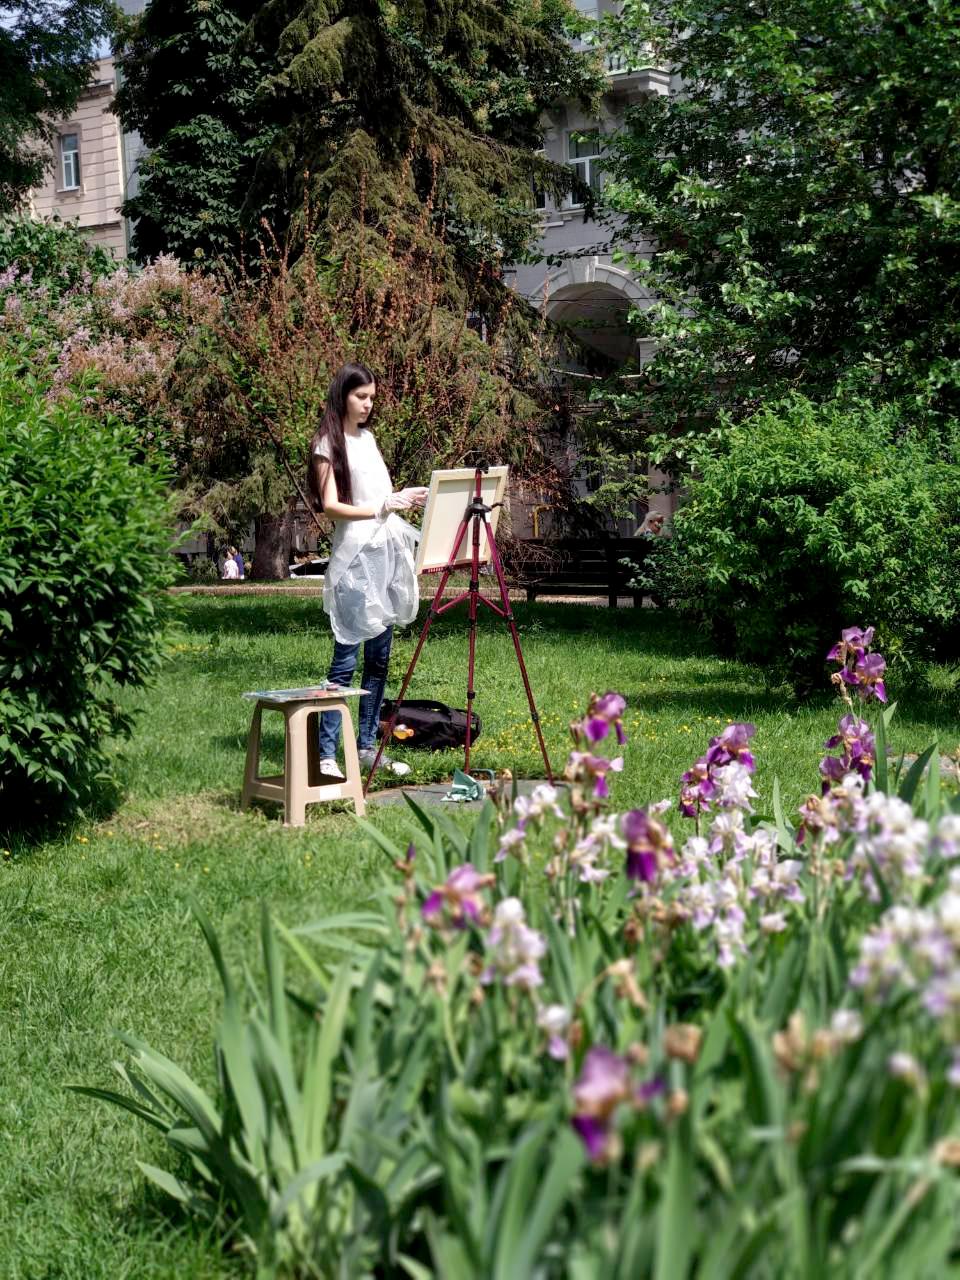 Масляный выездной мастер-класс «Цветы в саду» 26 мая - фото